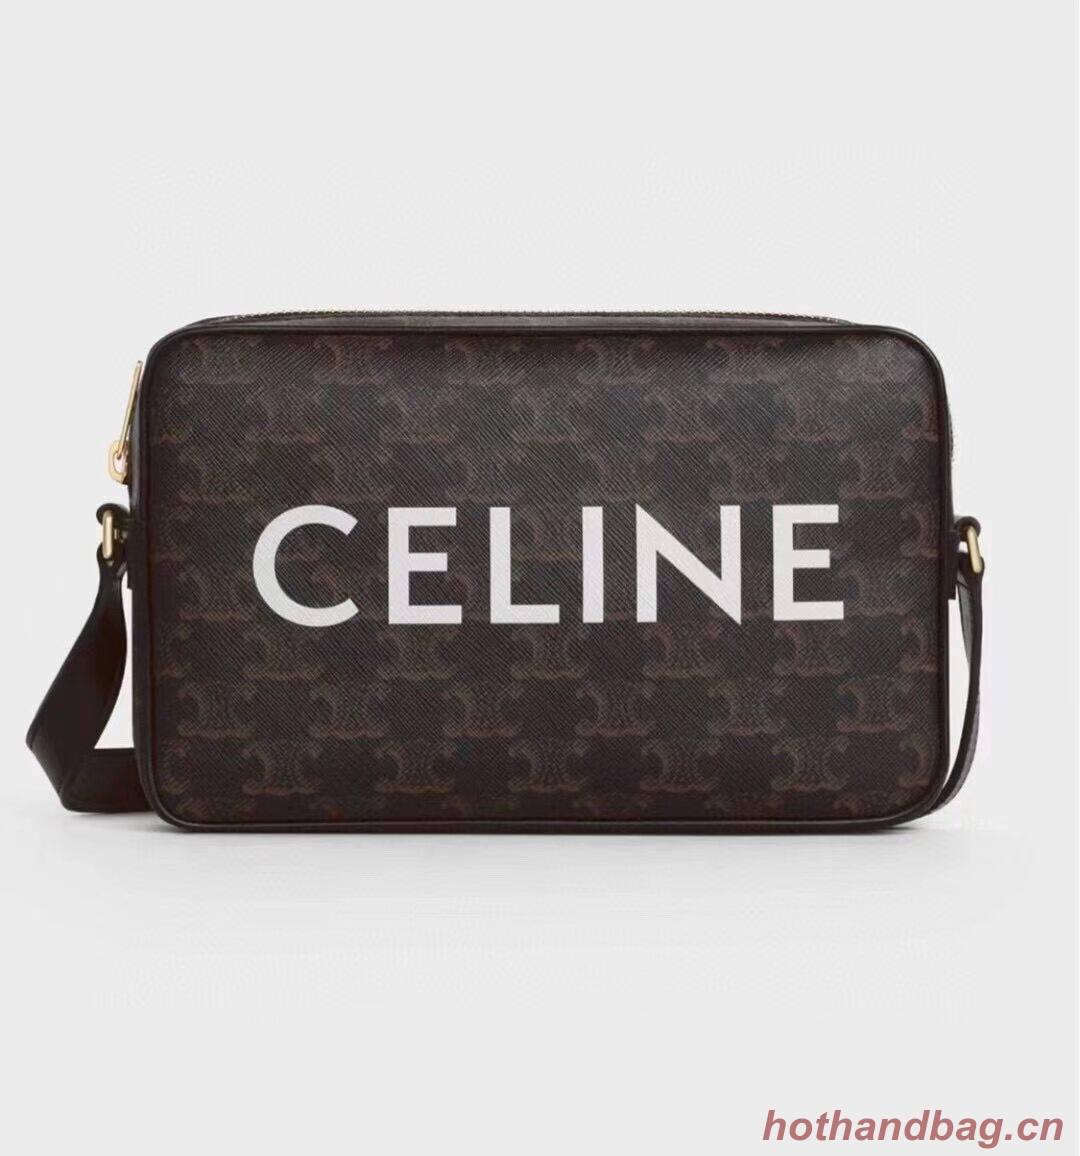 Celine MINI FOLCO BAG IN TRIOMPHE CANVAS CL9450 black